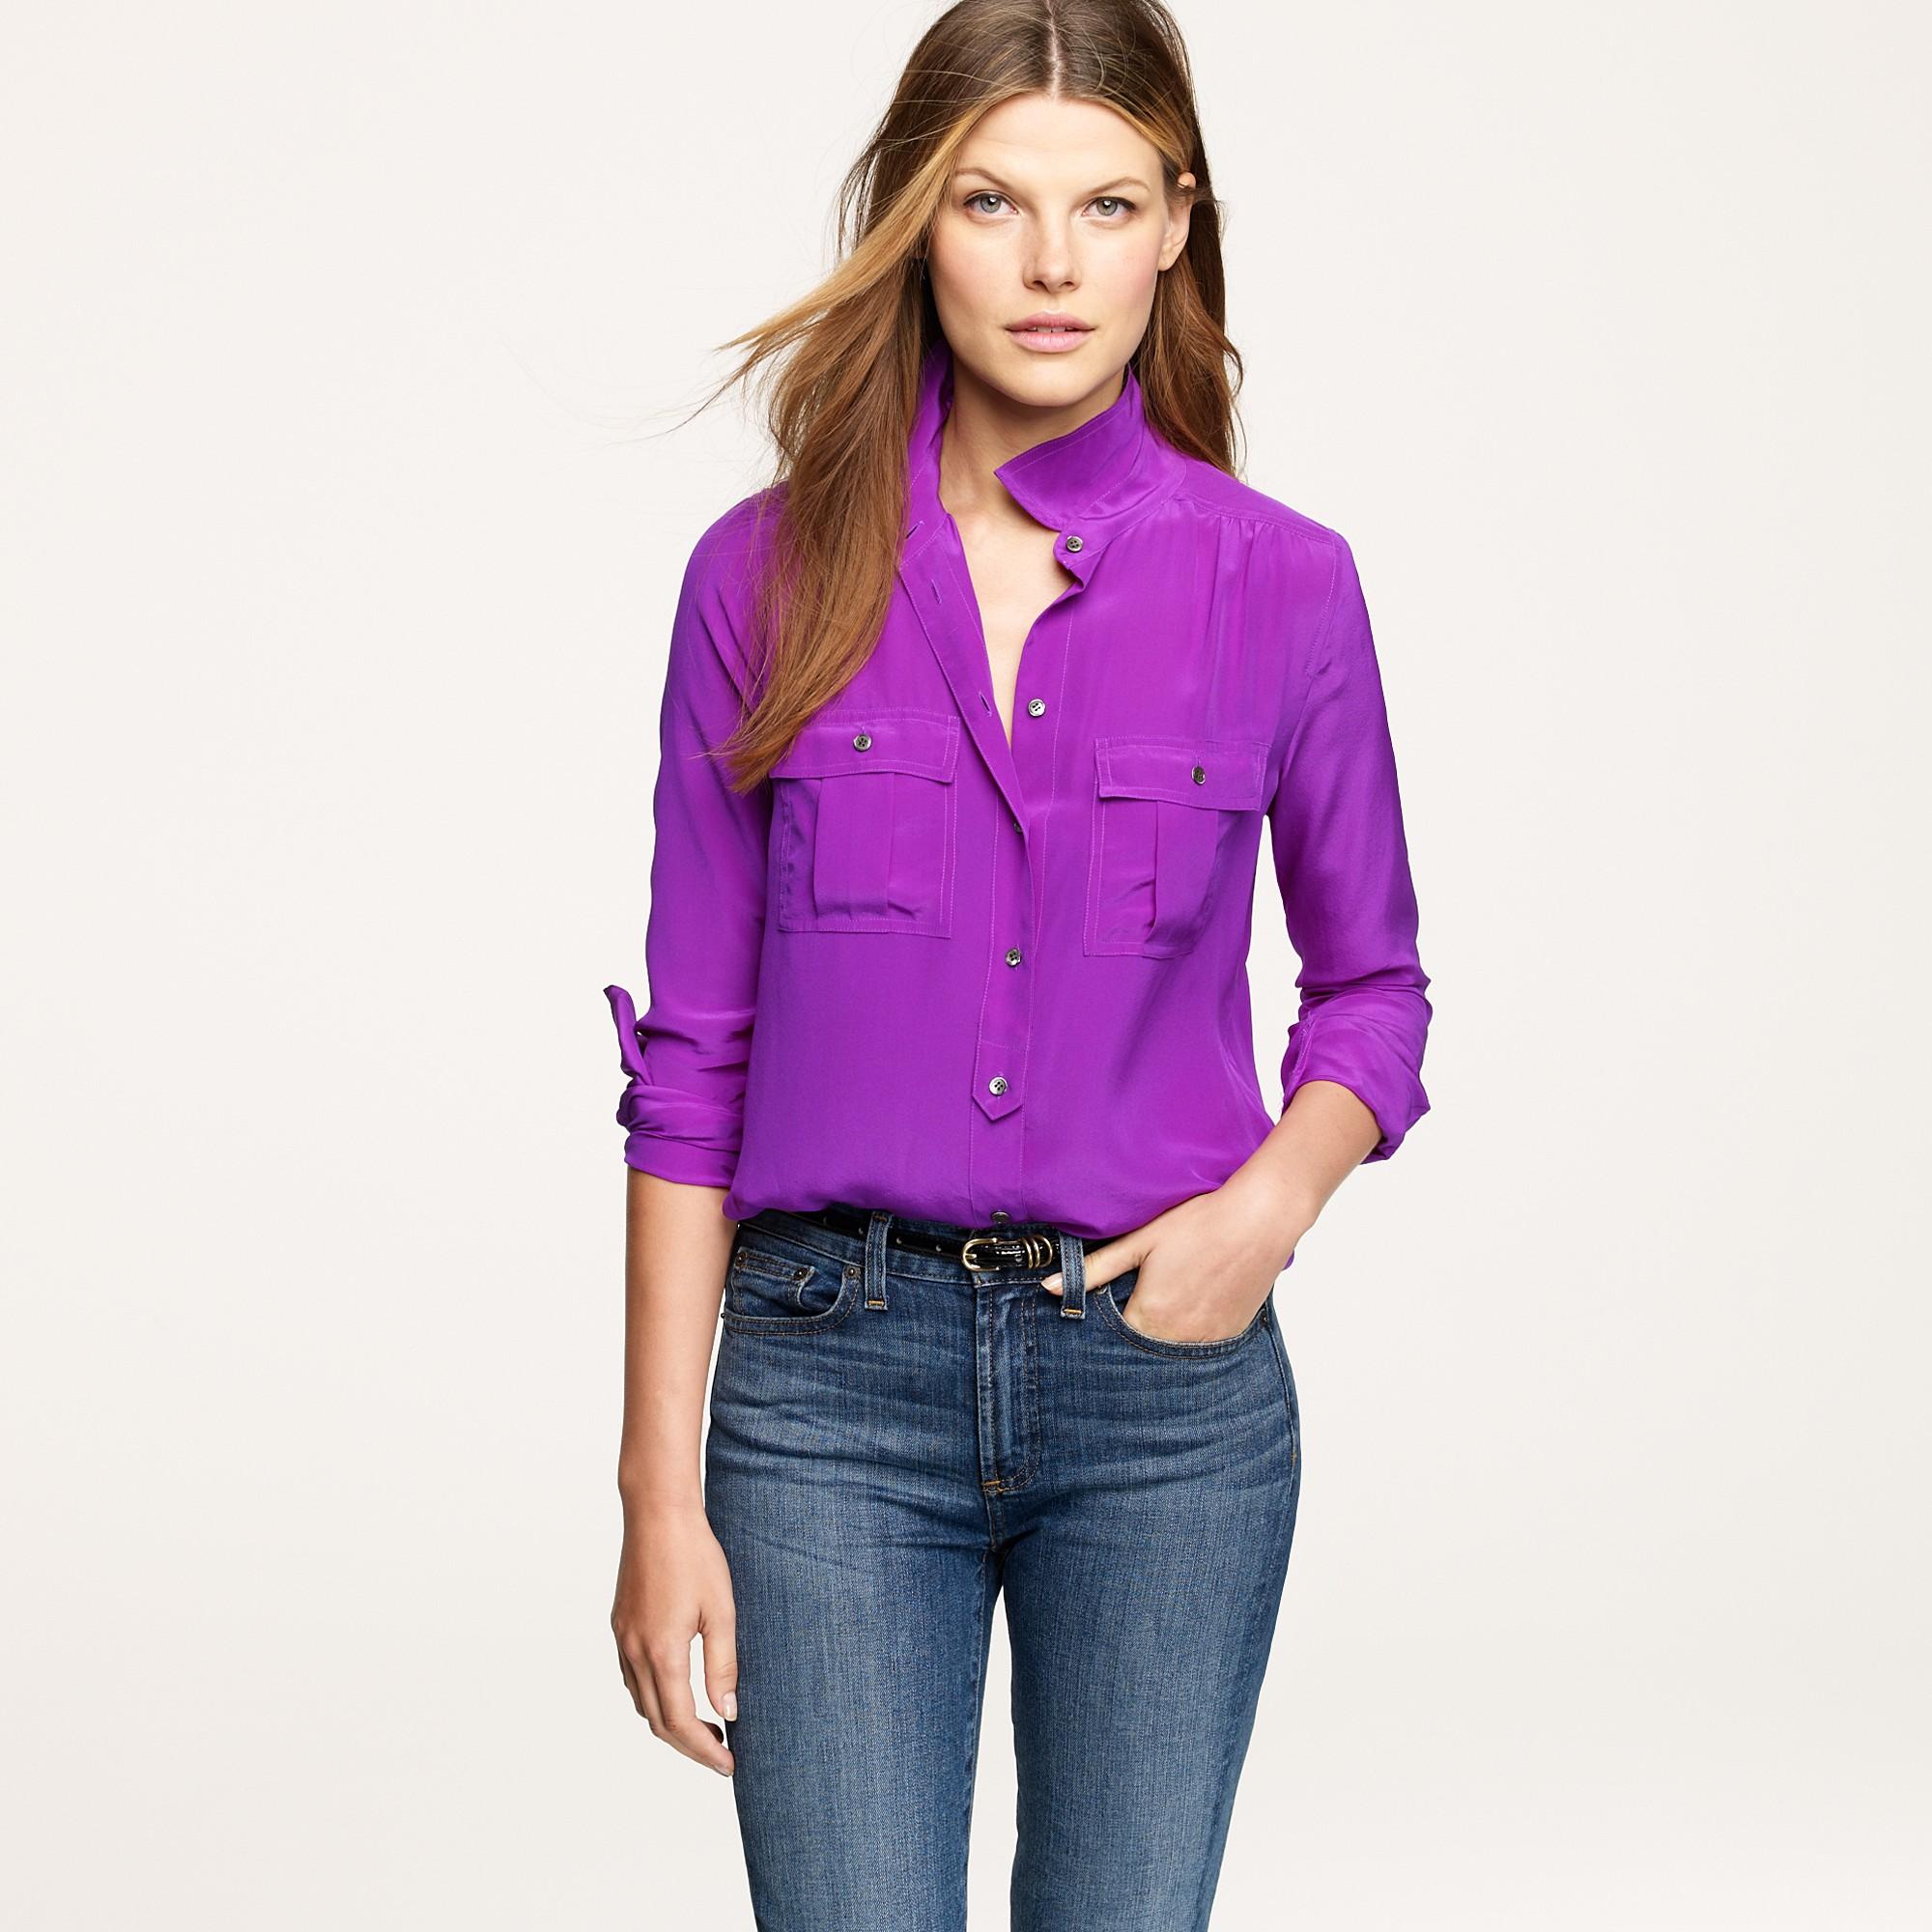 3248477e9 J.Crew Blythe Blouse in Silk in Purple - Lyst